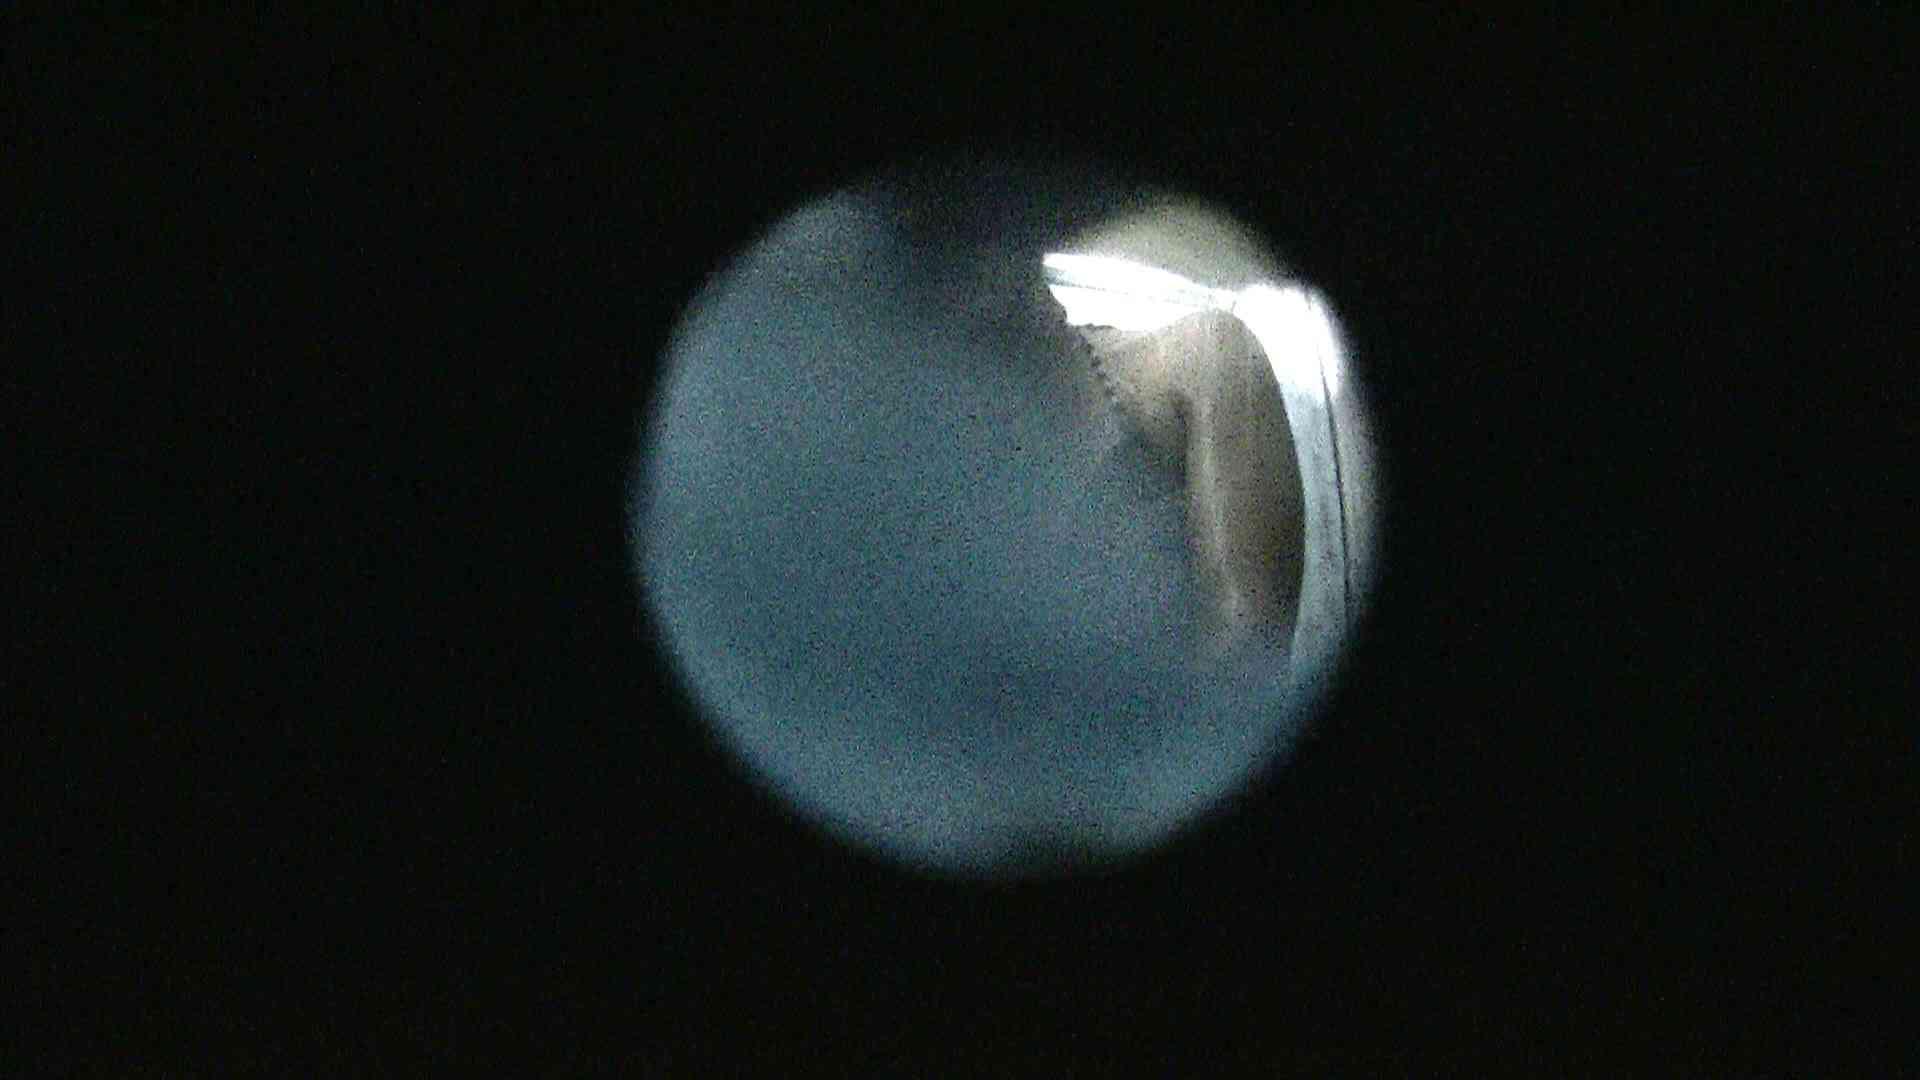 NO.13 暗いですが豪快な砂落としが好印象 シャワー室 セックス画像 107連発 20